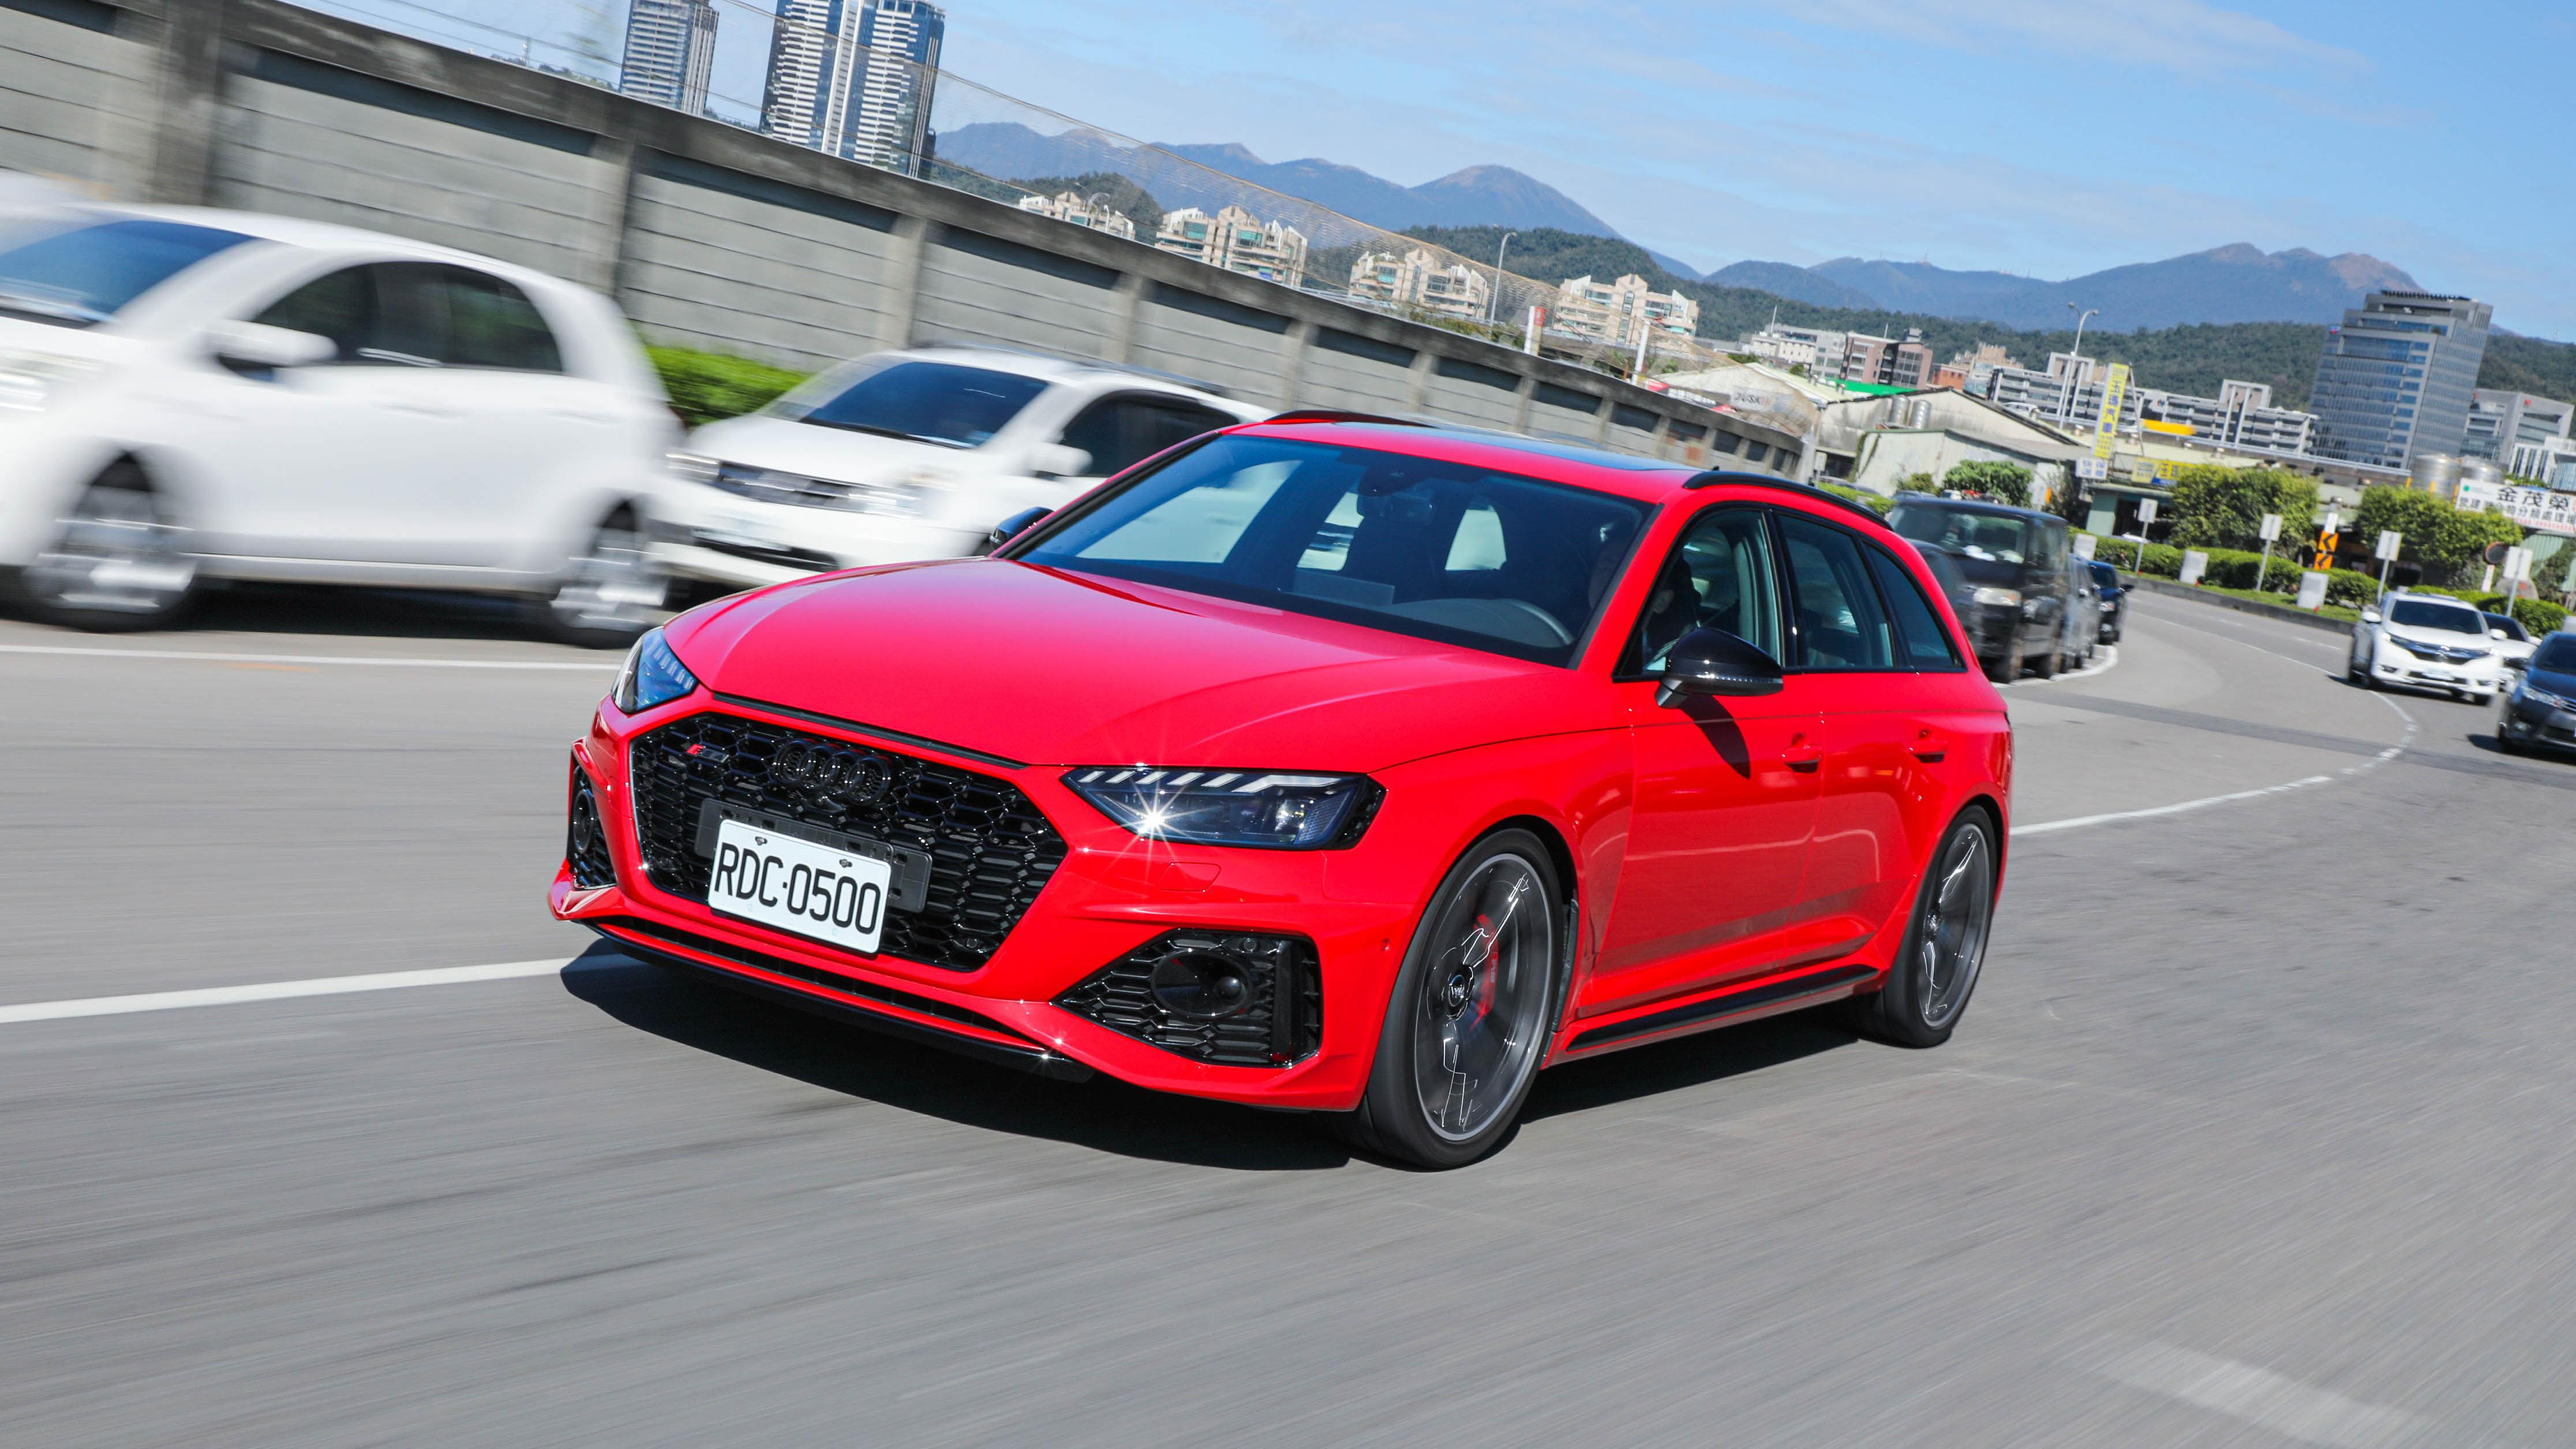 【搶先試駕】嘉偉哥難掩喜悅?! 中型剽悍旅行車 Audi RS 4 Avant